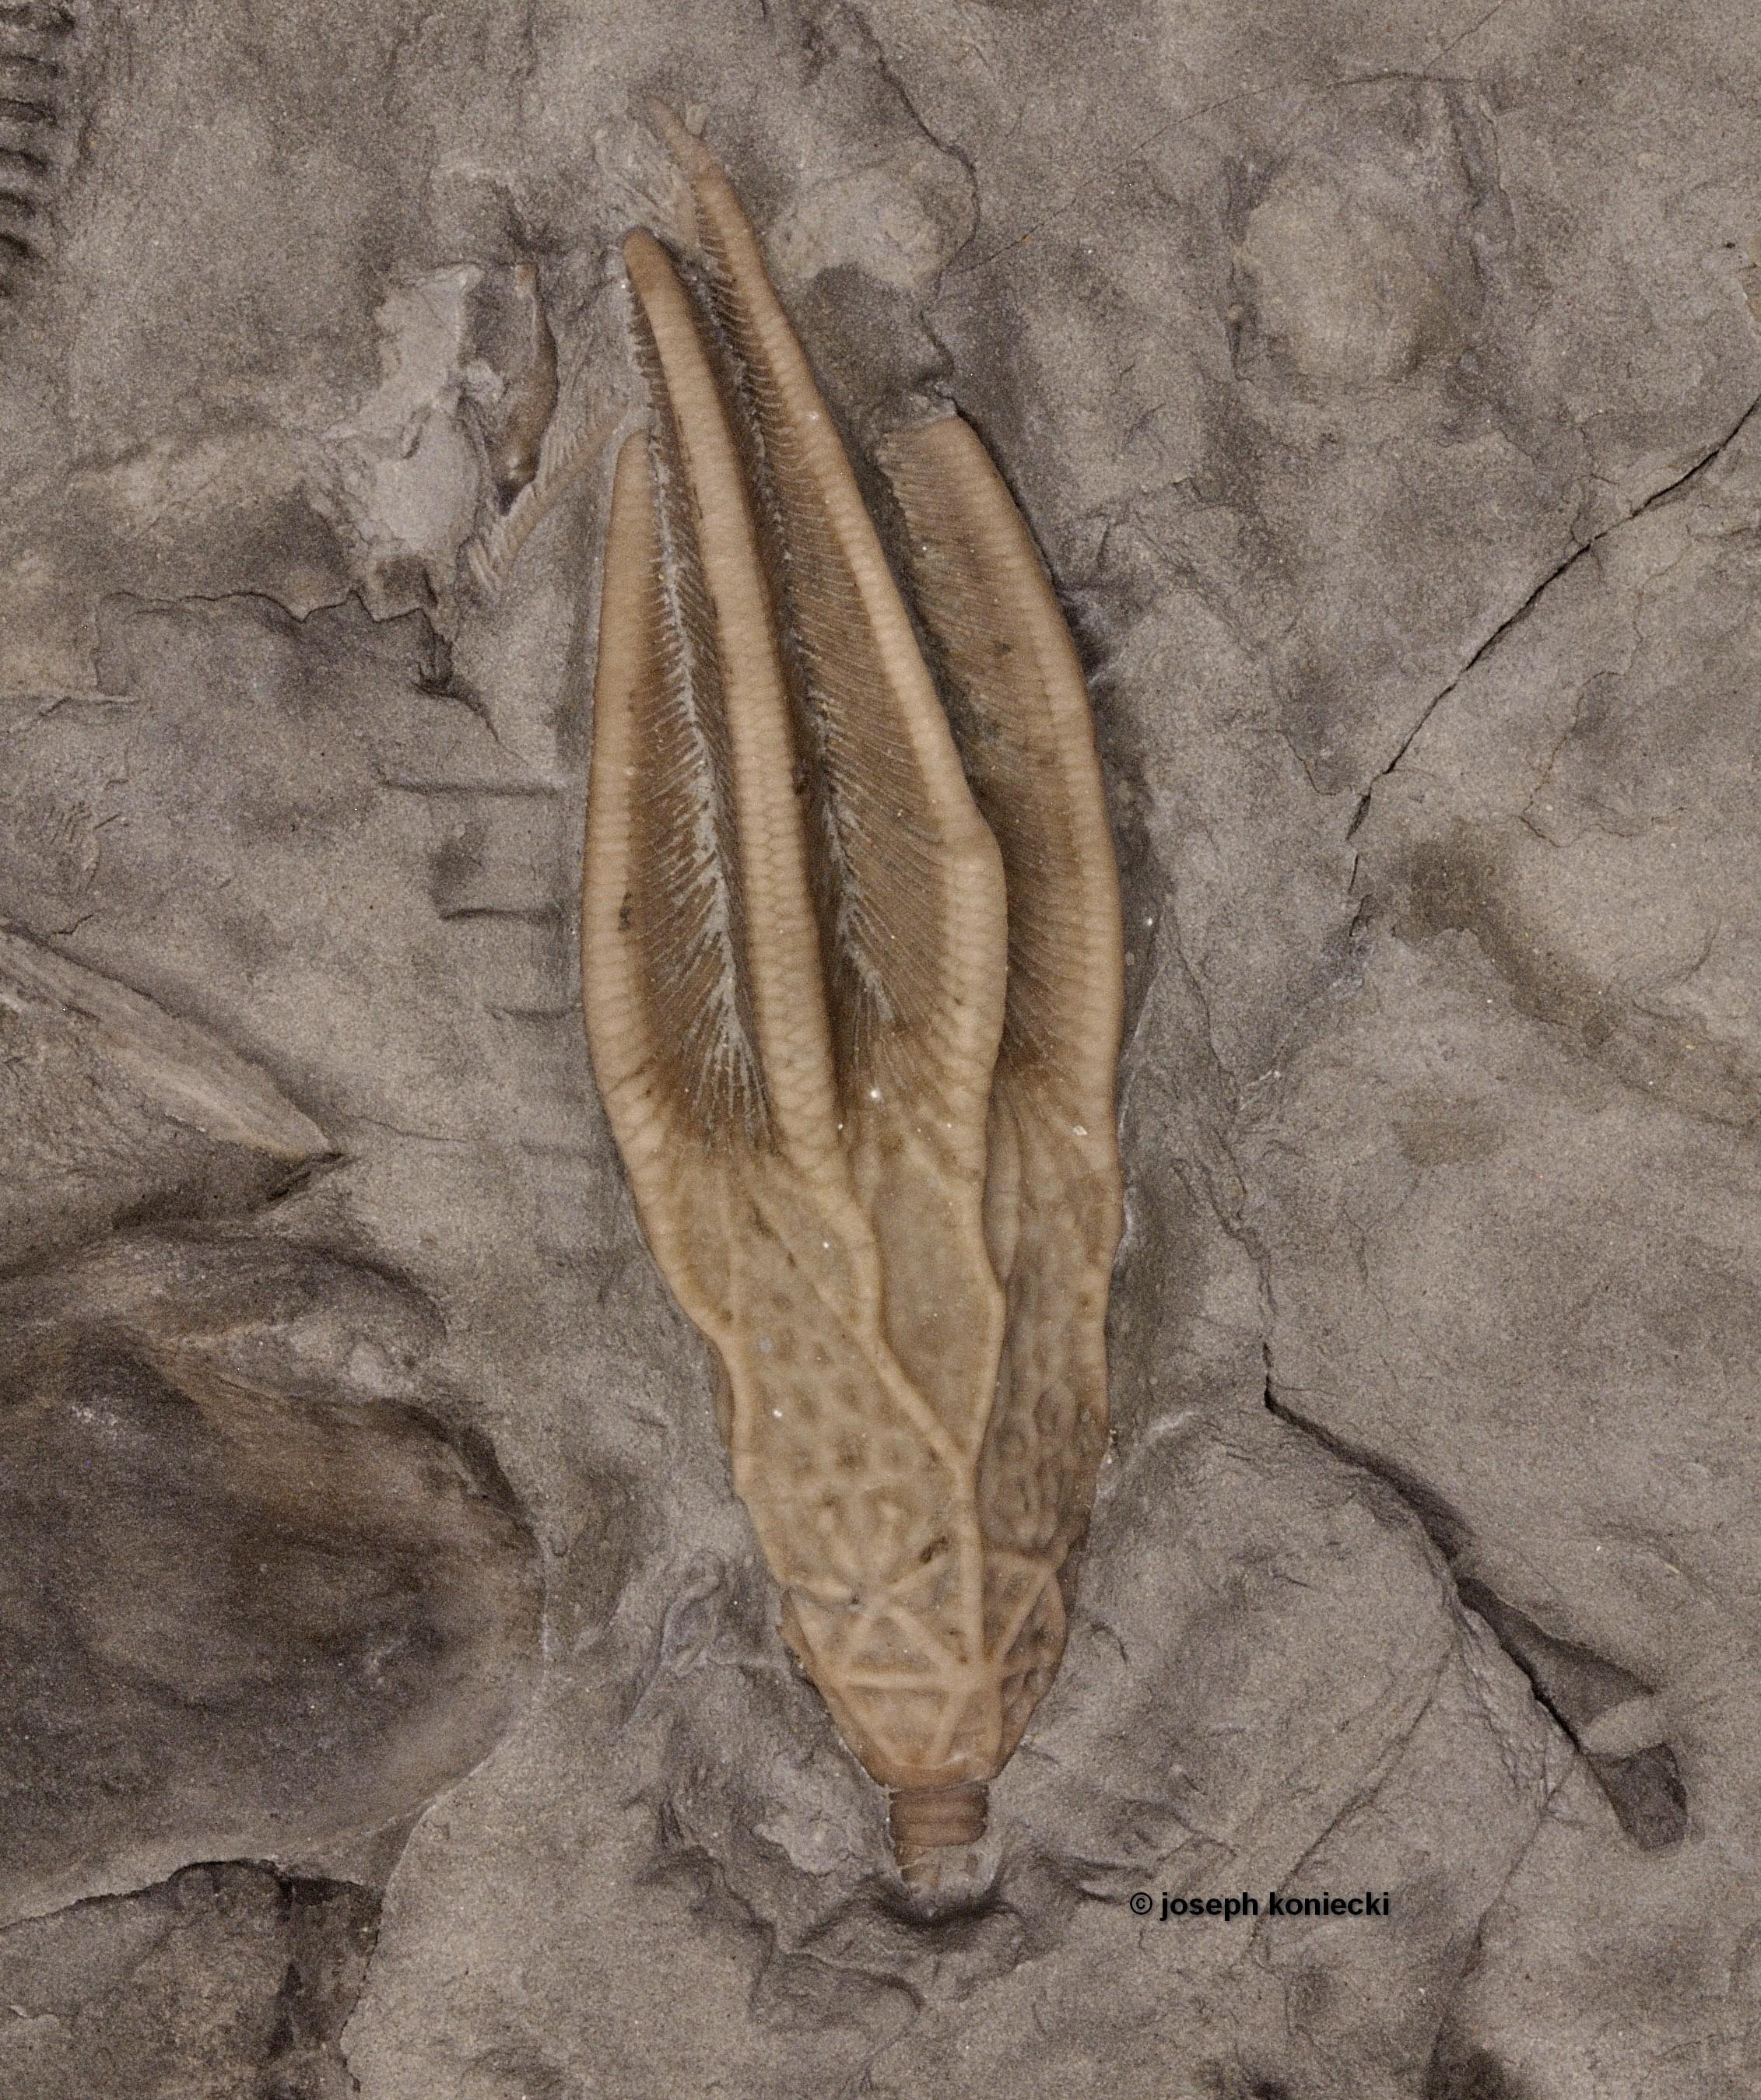 Periglyptocrinus